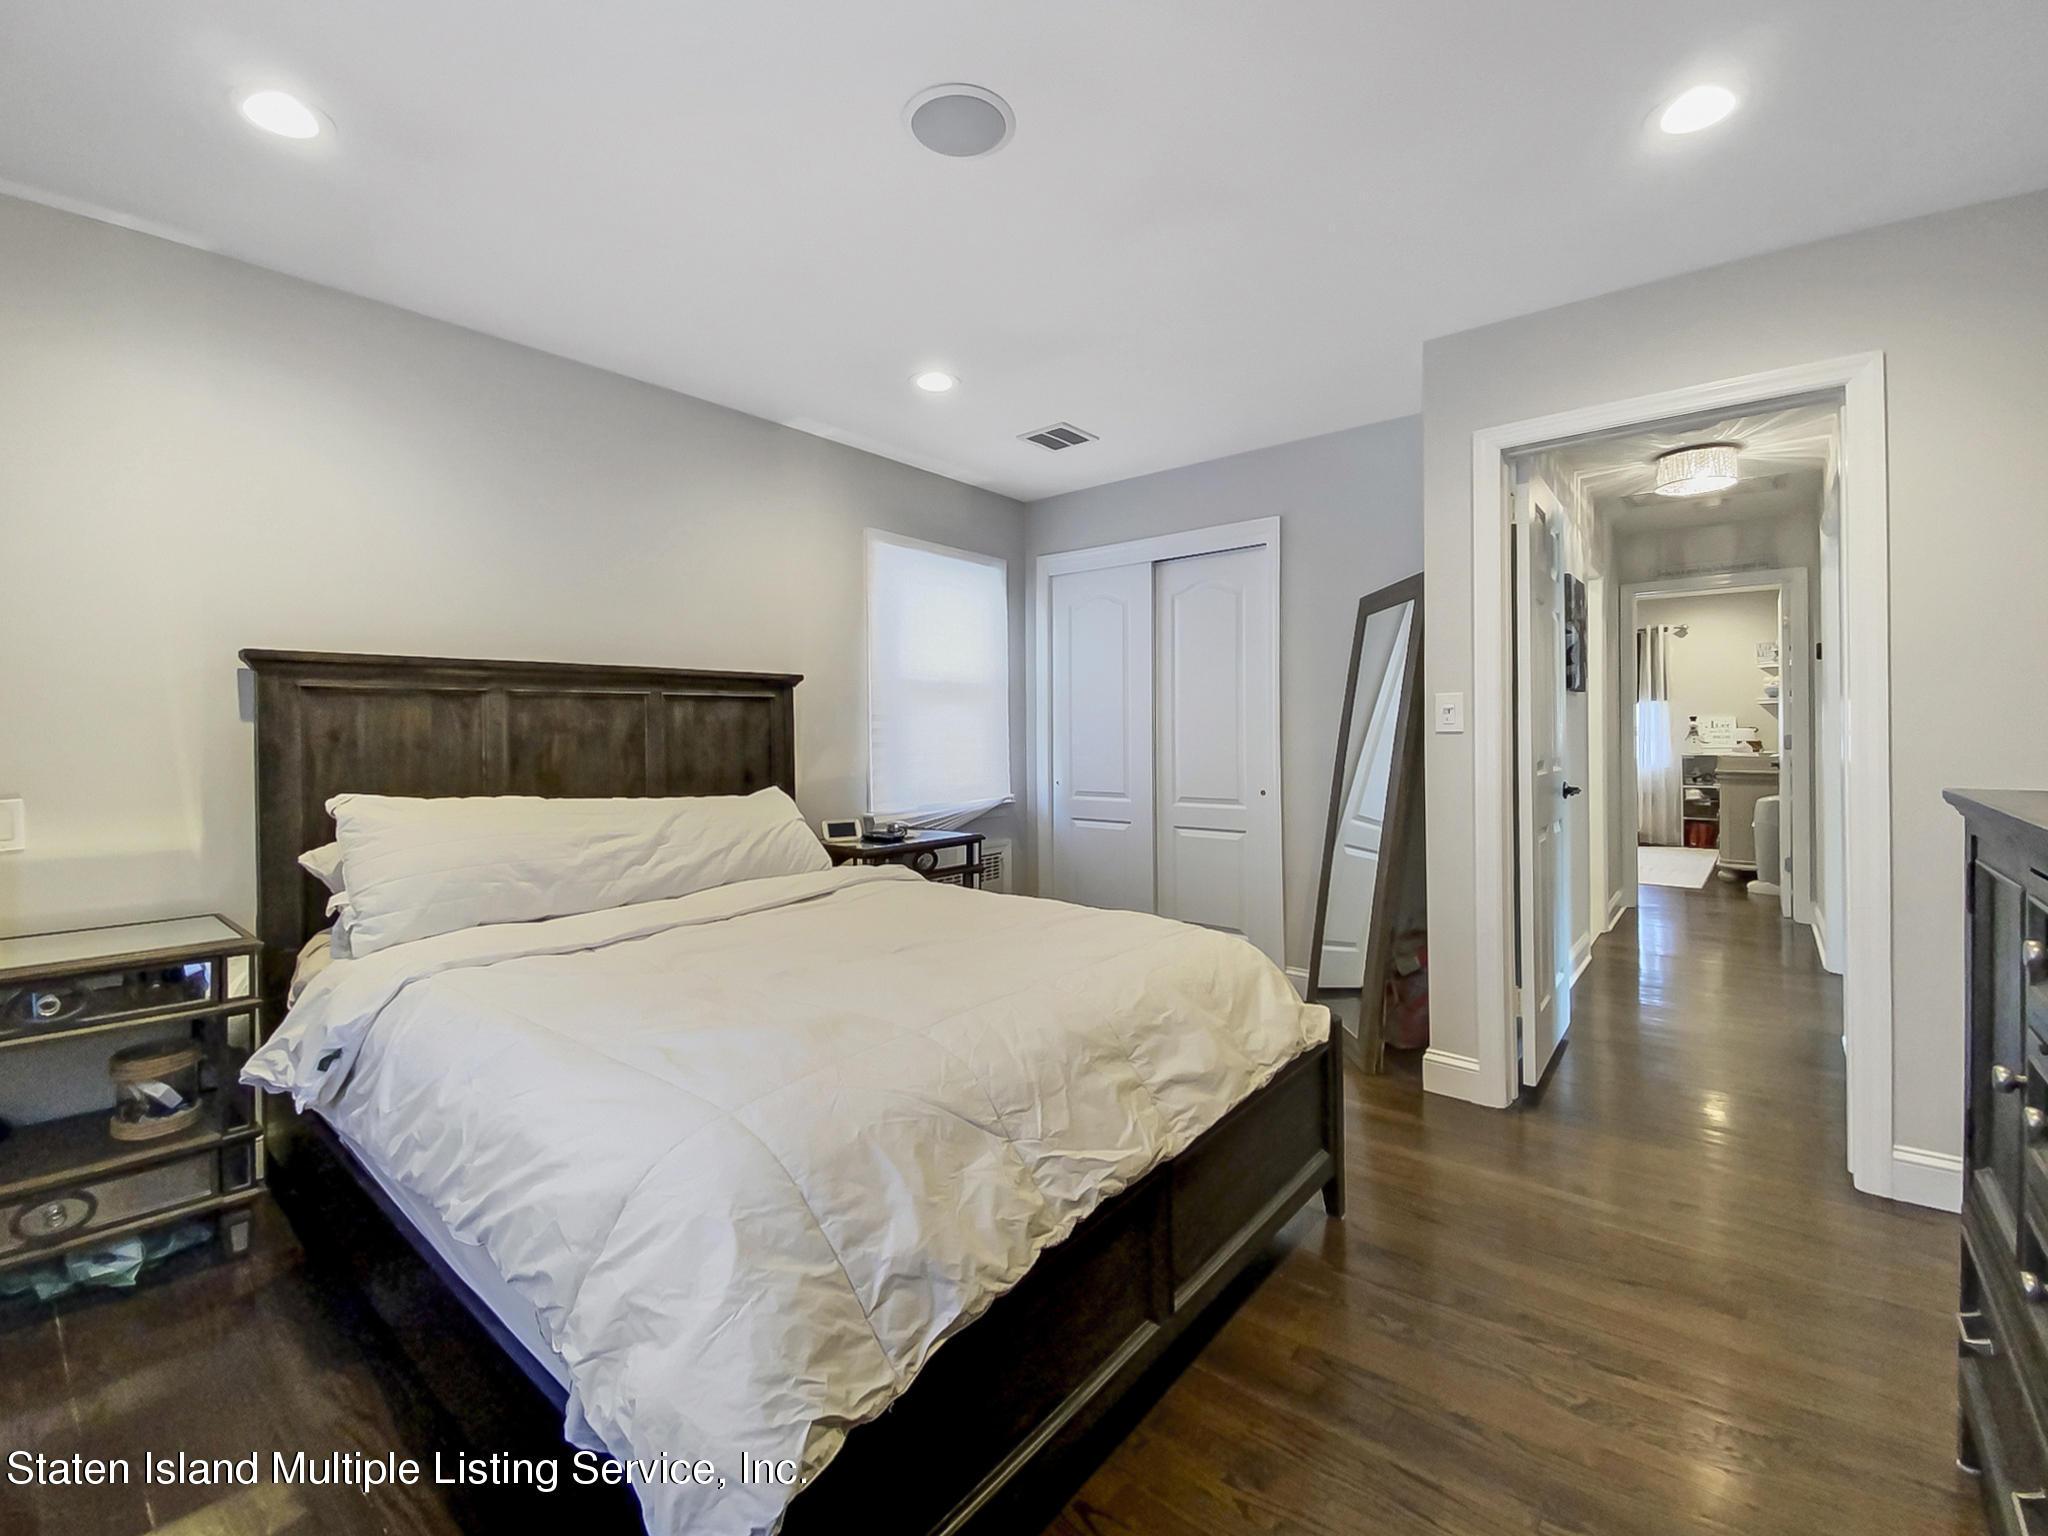 Single Family - Detached 543 Wainwright Avenue  Staten Island, NY 10312, MLS-1143141-8